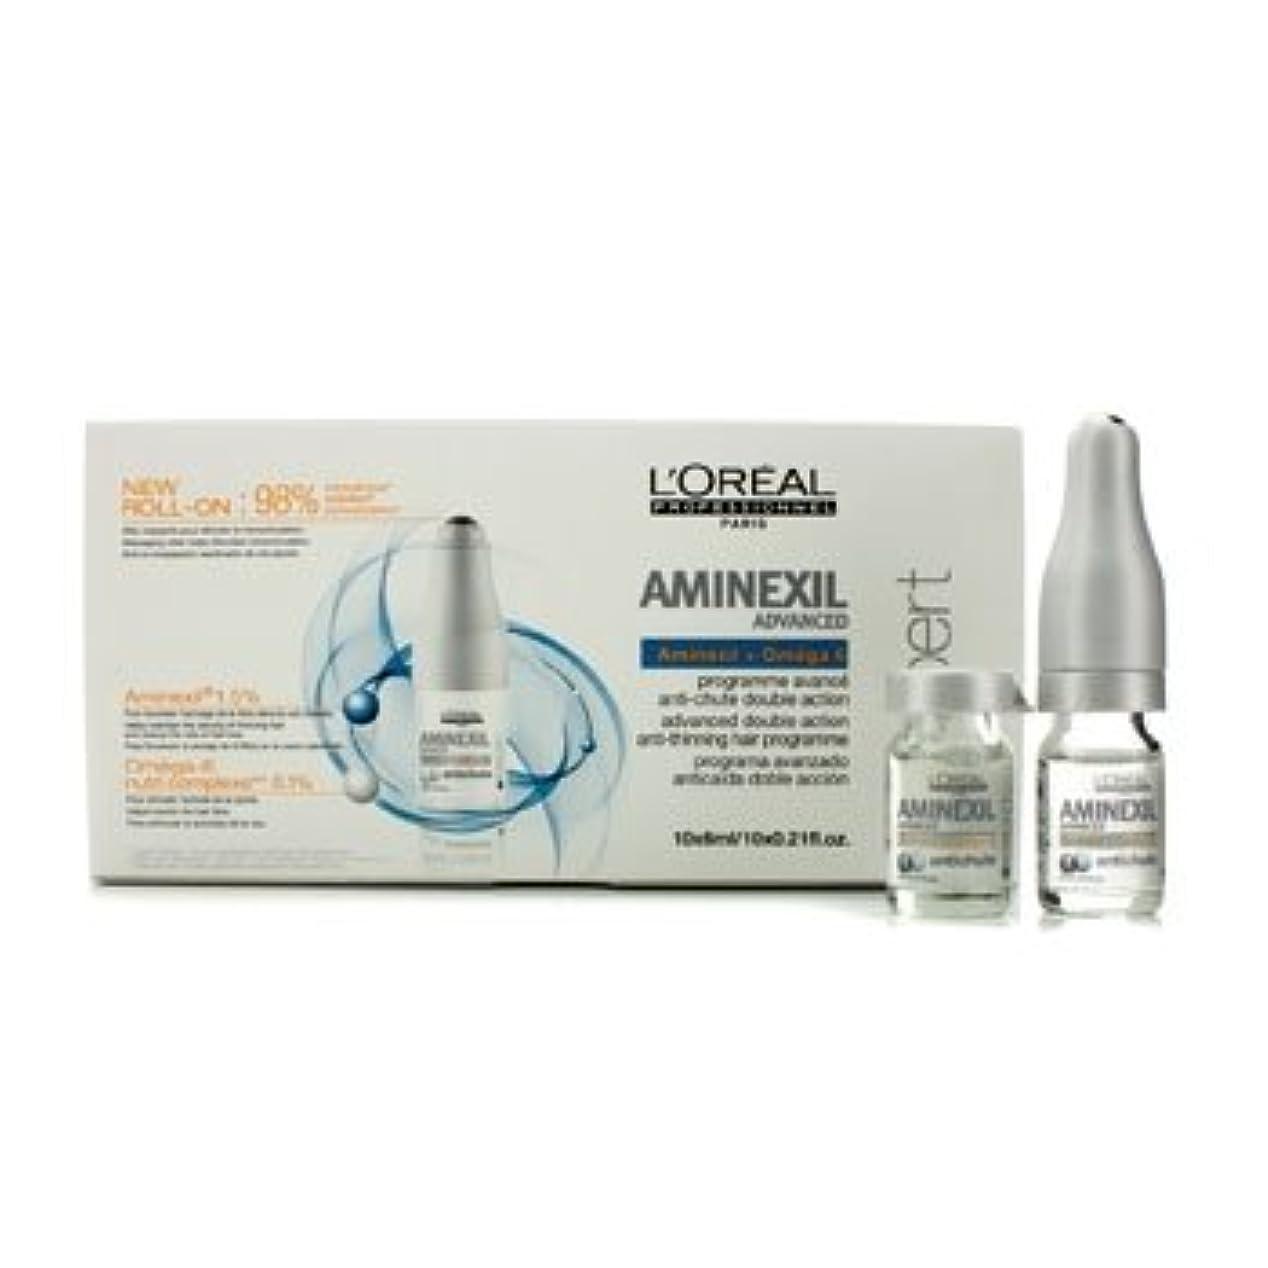 ベーリング海峡うがい申請者ロレアル Professionnel Expert Serie - Aminexil Advanced Anti-Thinning Hair Programme 10x6ml [並行輸入品][海外直送品]